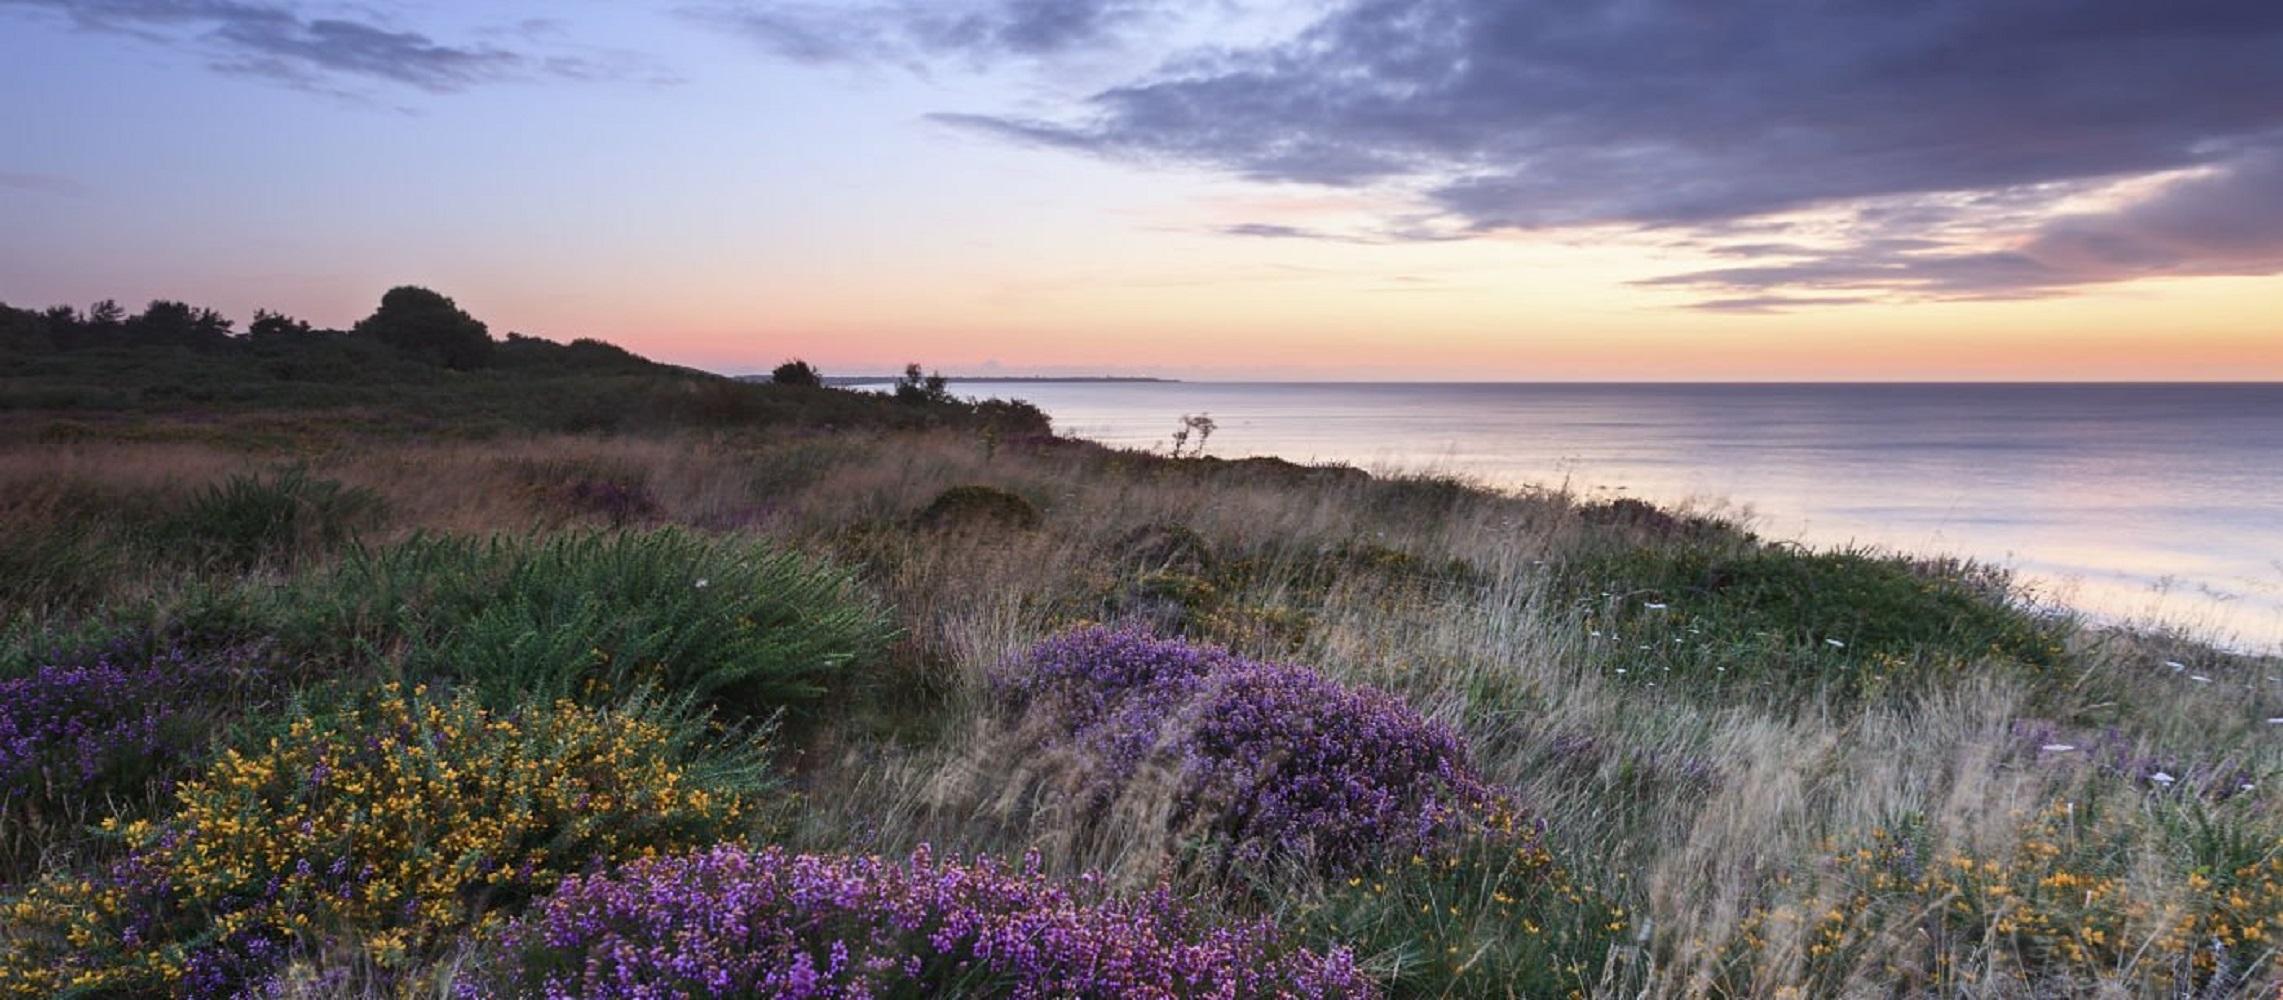 Suffolk Coast & Heaths AONB